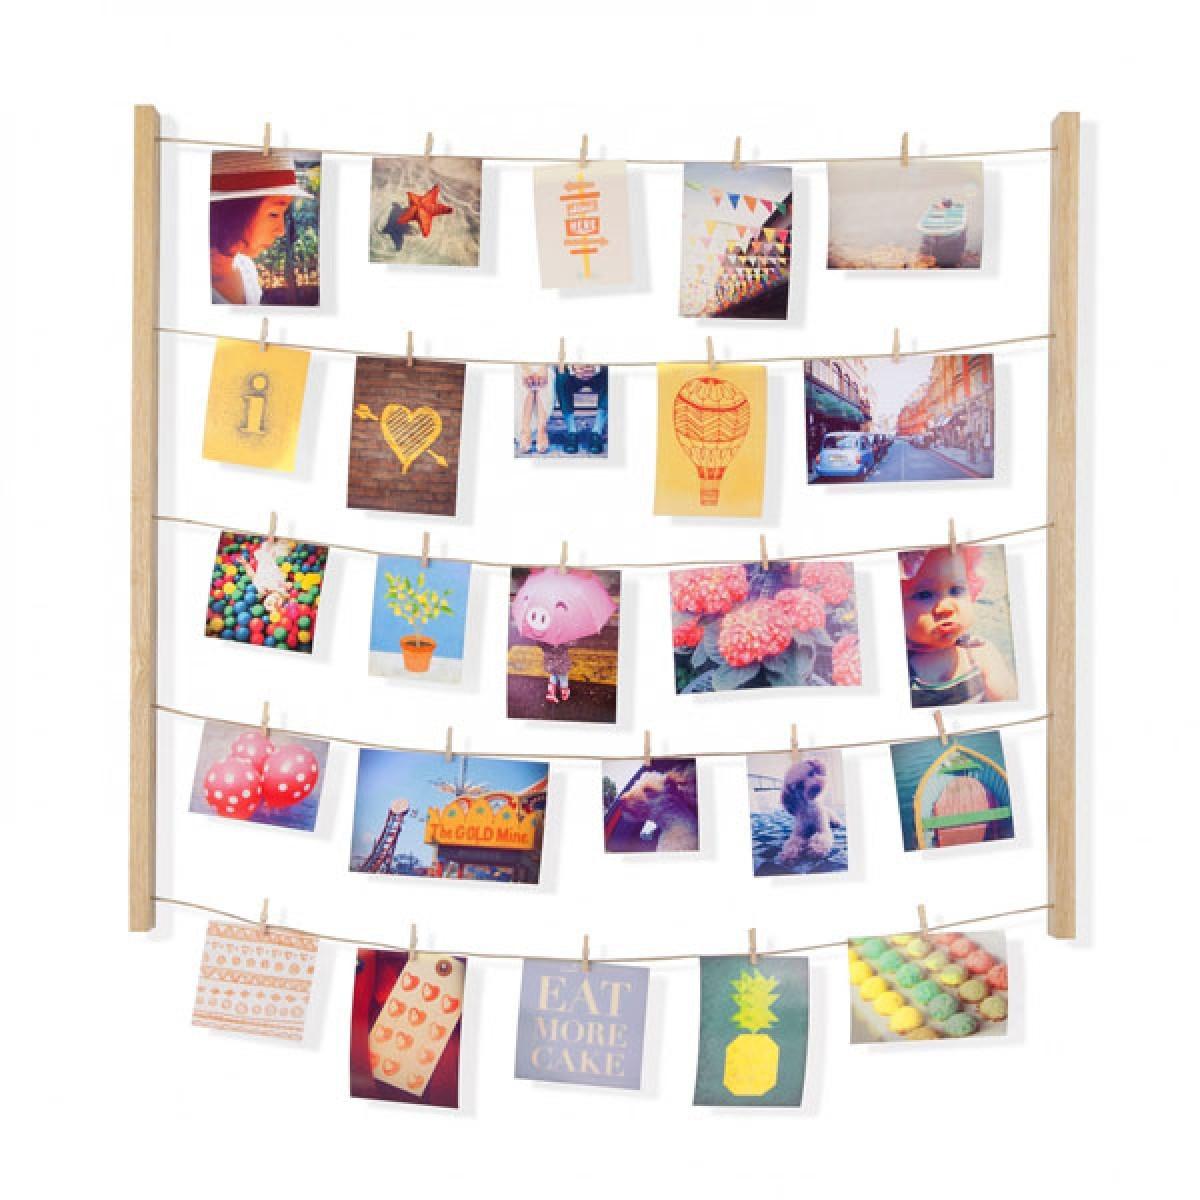 Marco de fotos con cuerdas Hangit - Things-store